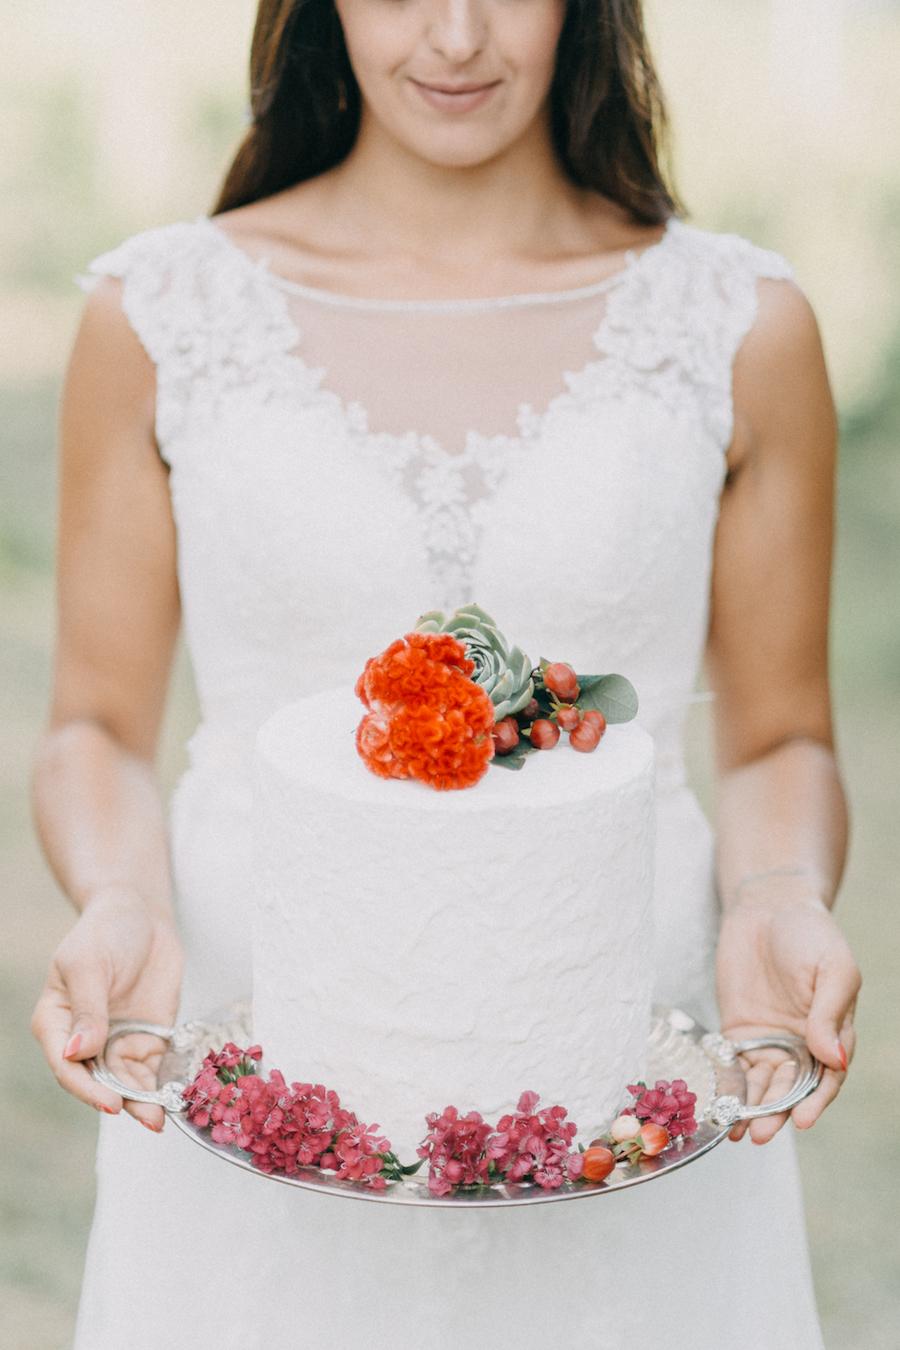 Matrimonio Gipsy Soldi : Un matrimonio di ispirazione gipsy wedding wonderland